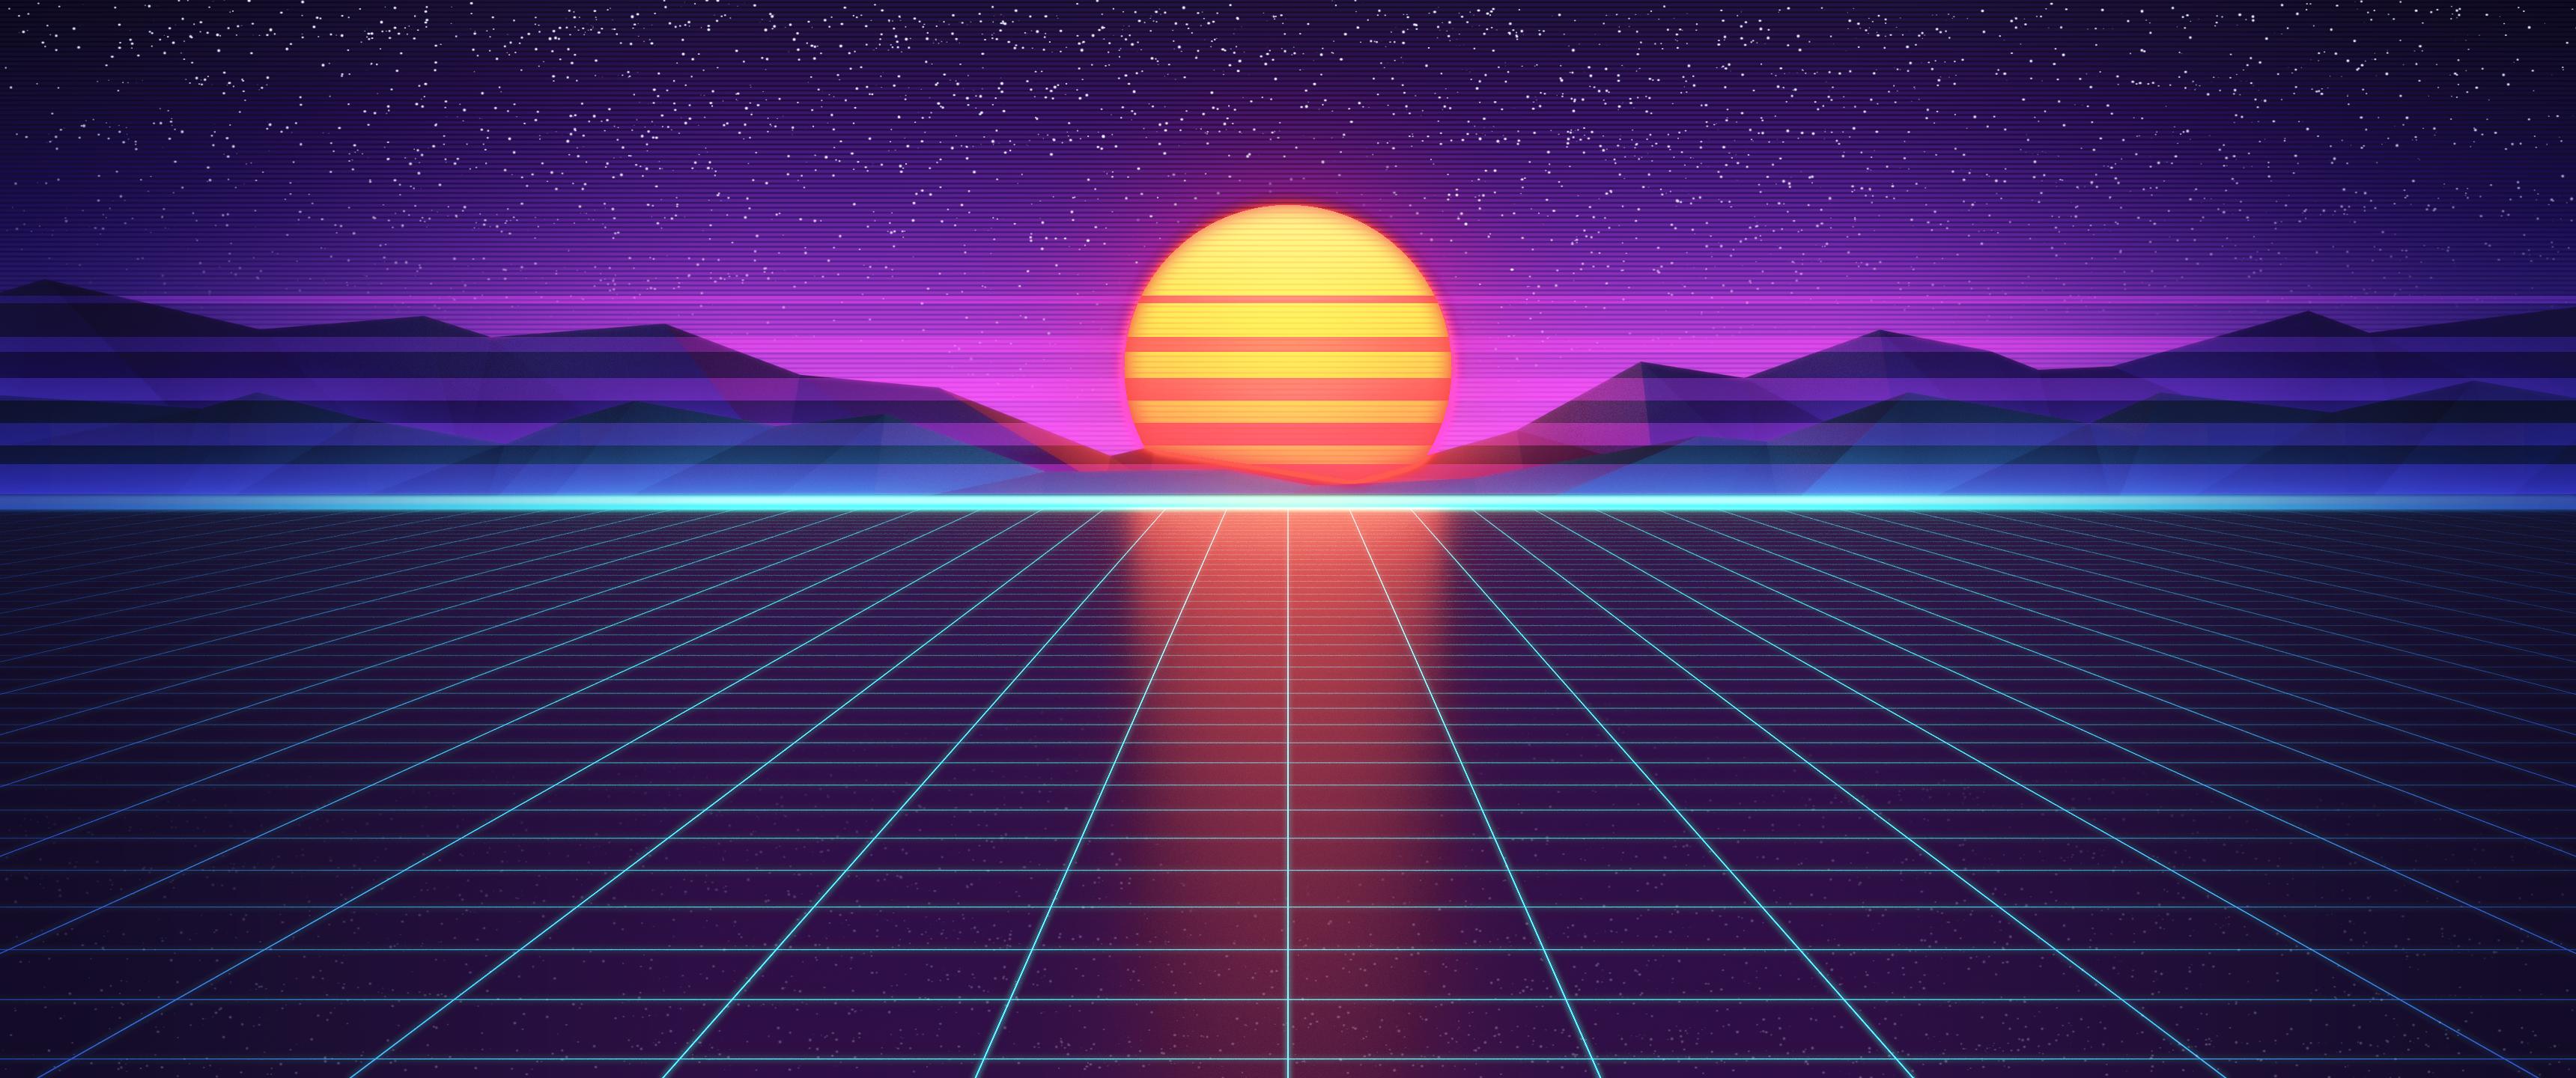 3440 X 1440 Outrun Sunset Ultrawide Desktop Background Images Wallpaper Pc Desktop Wallpaper